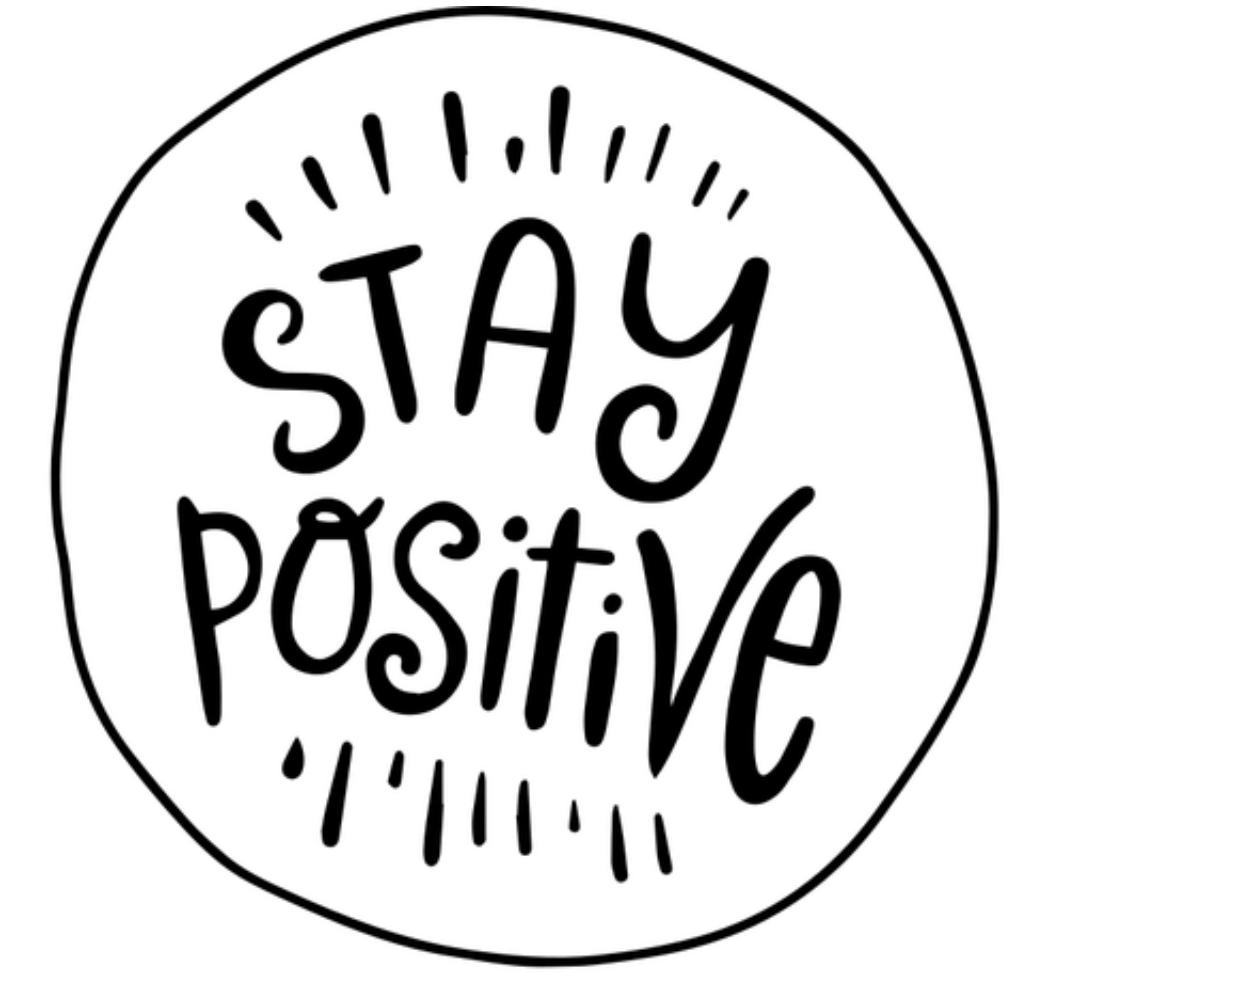 Stai positive anche nella fase due